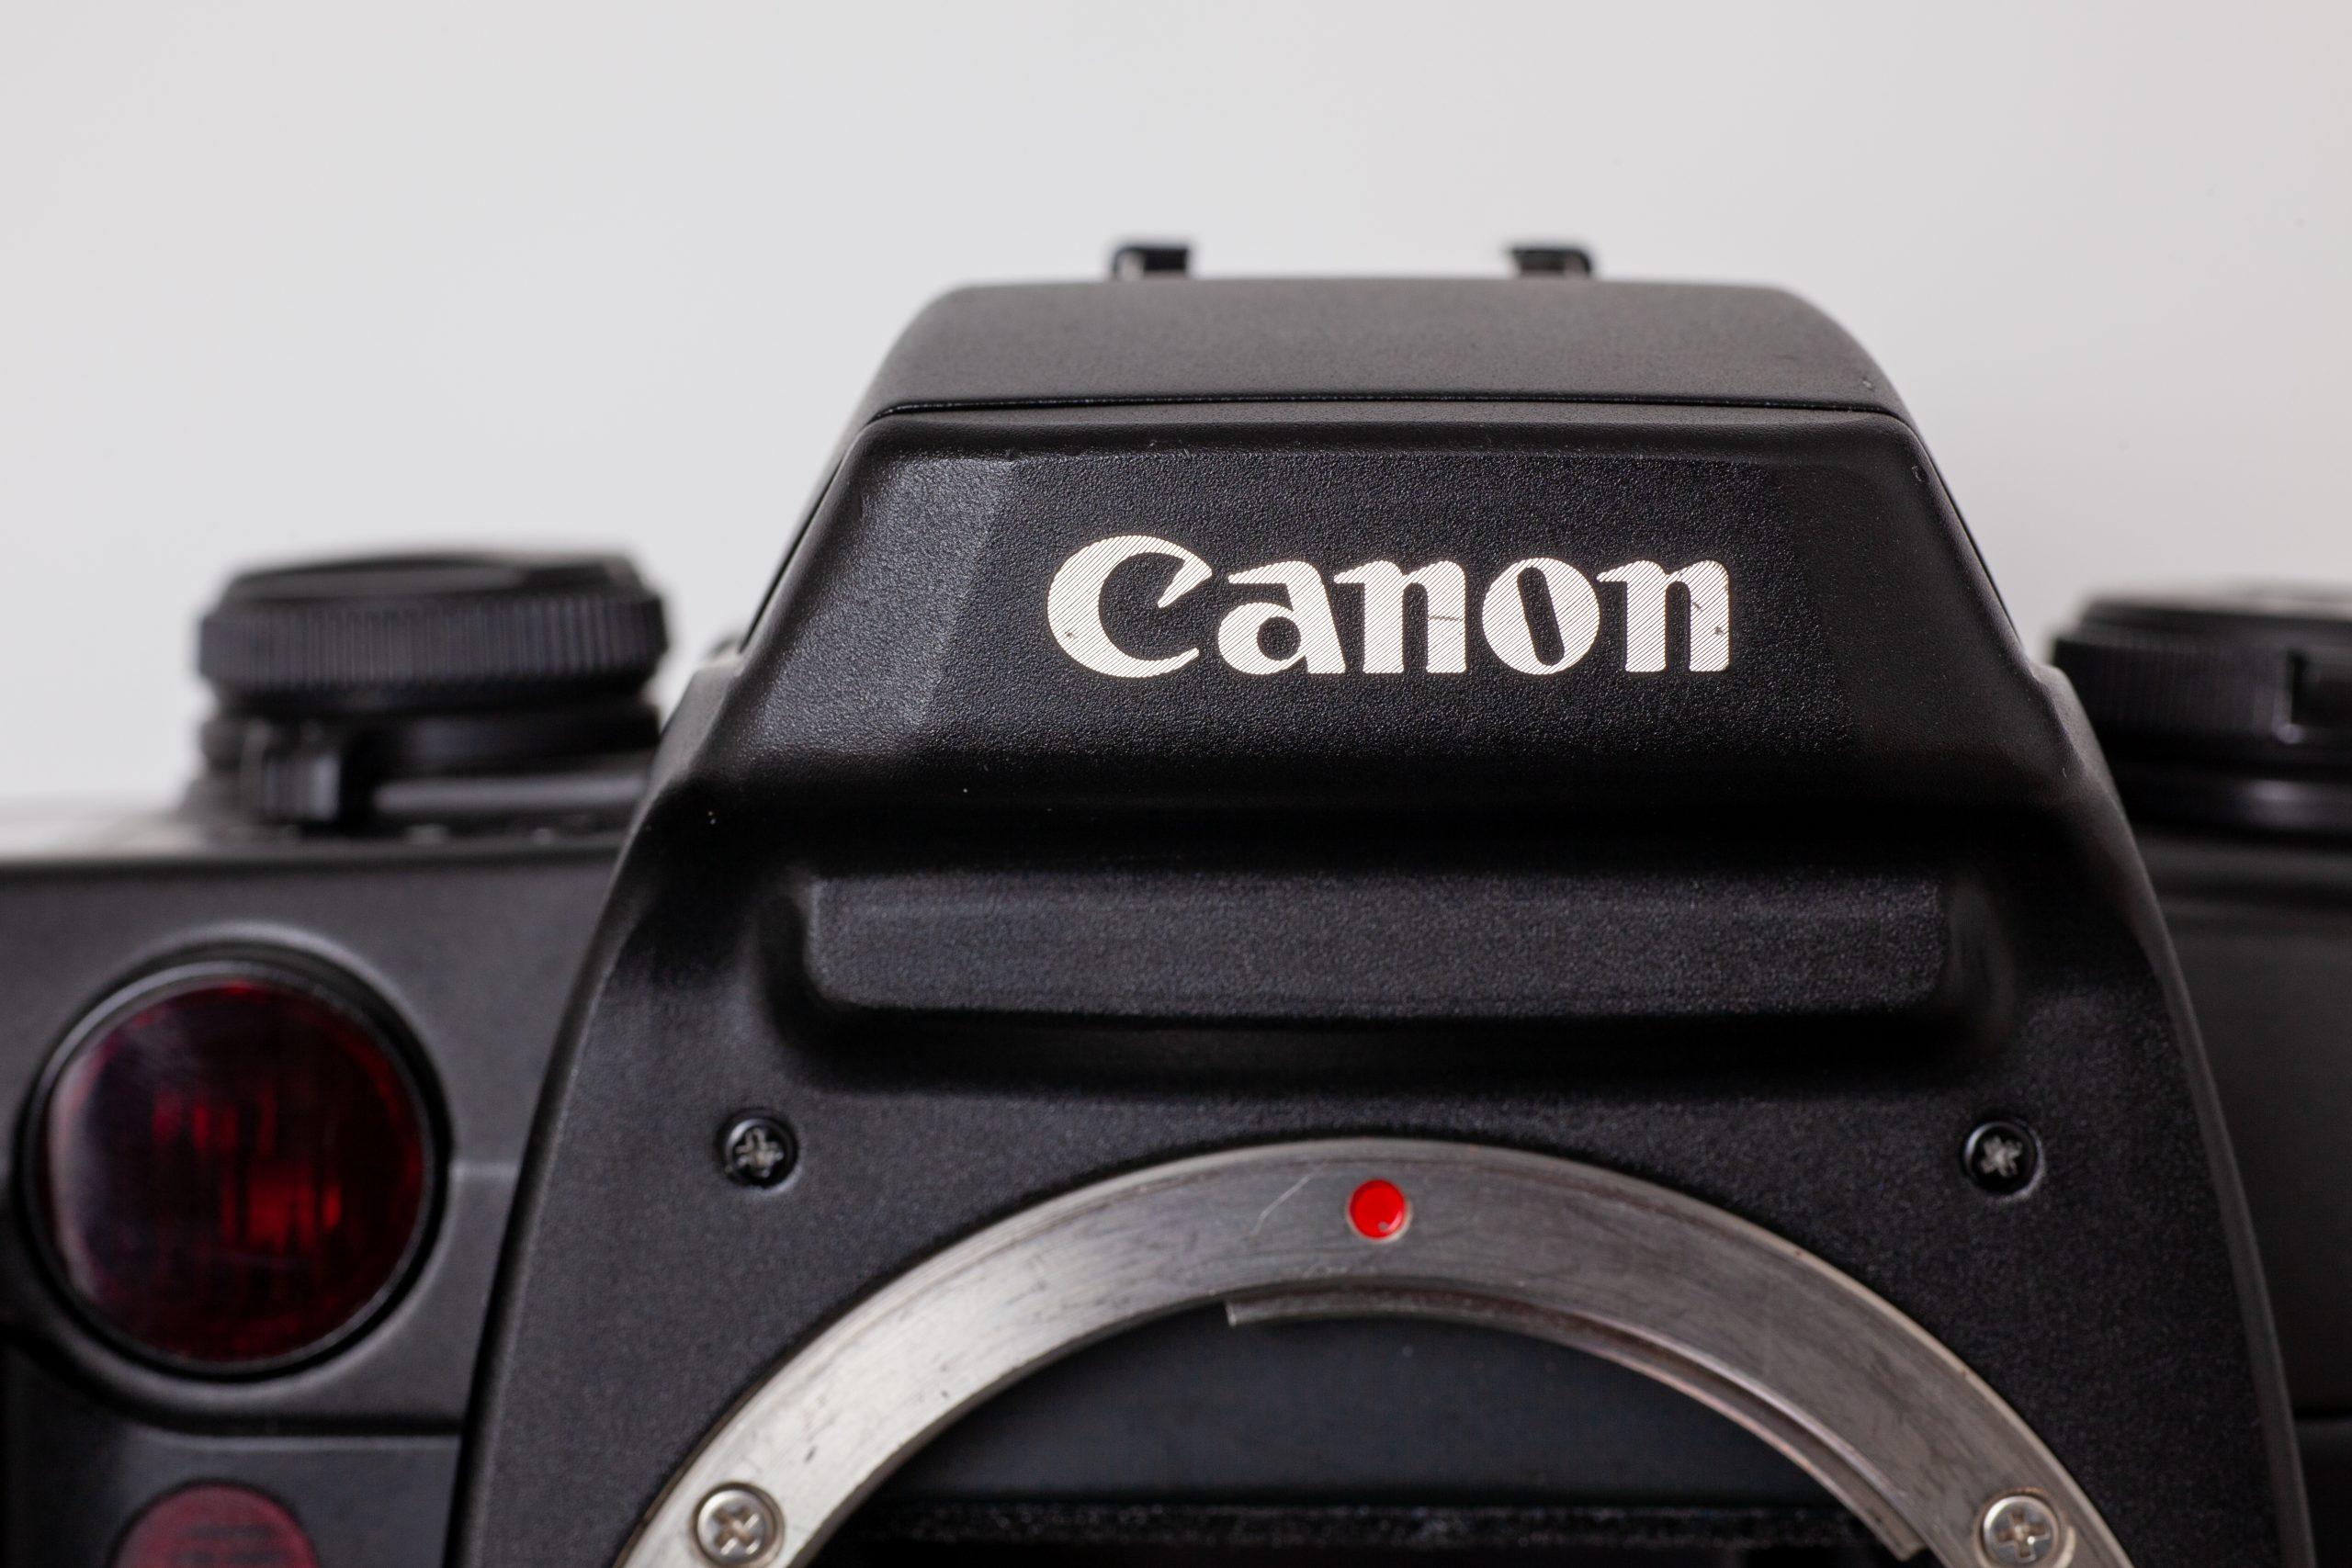 【11/30はカメラの日】視線入力AFの革命児 Canon EOS55